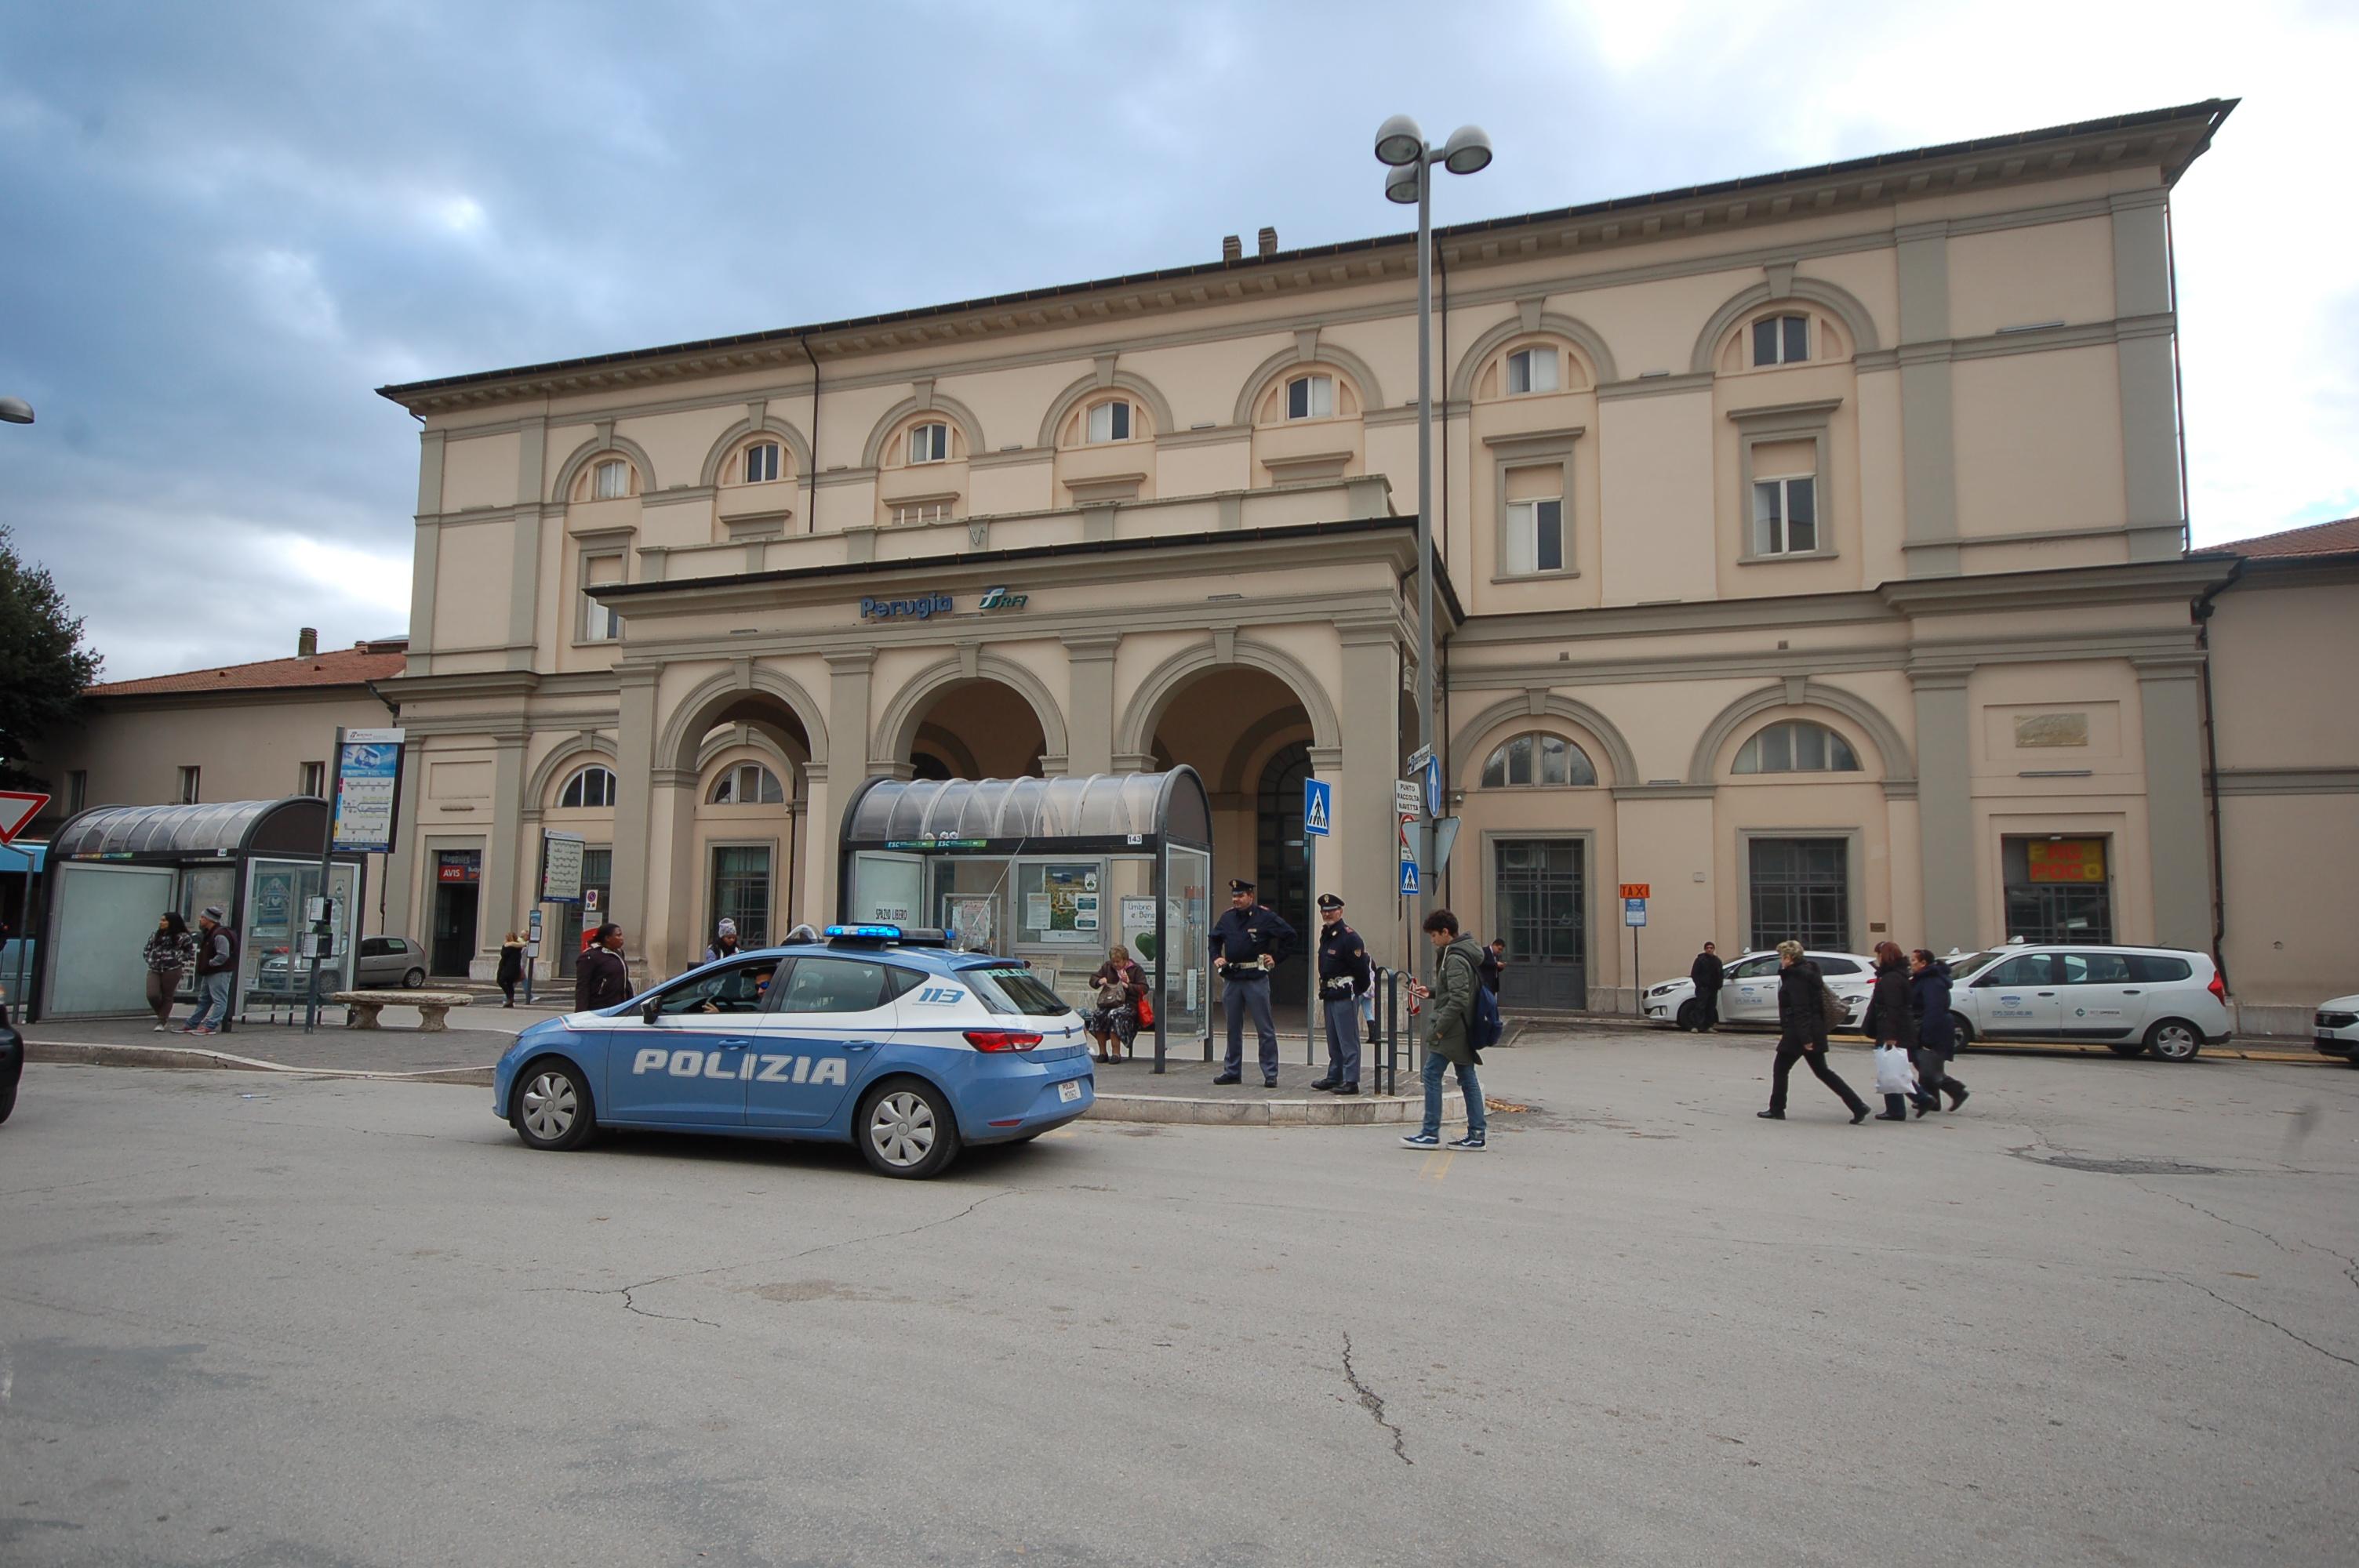 Polizia di stato stranieri rinnovo permesso di soggiorno for Polizia di stato caserta permesso di soggiorno